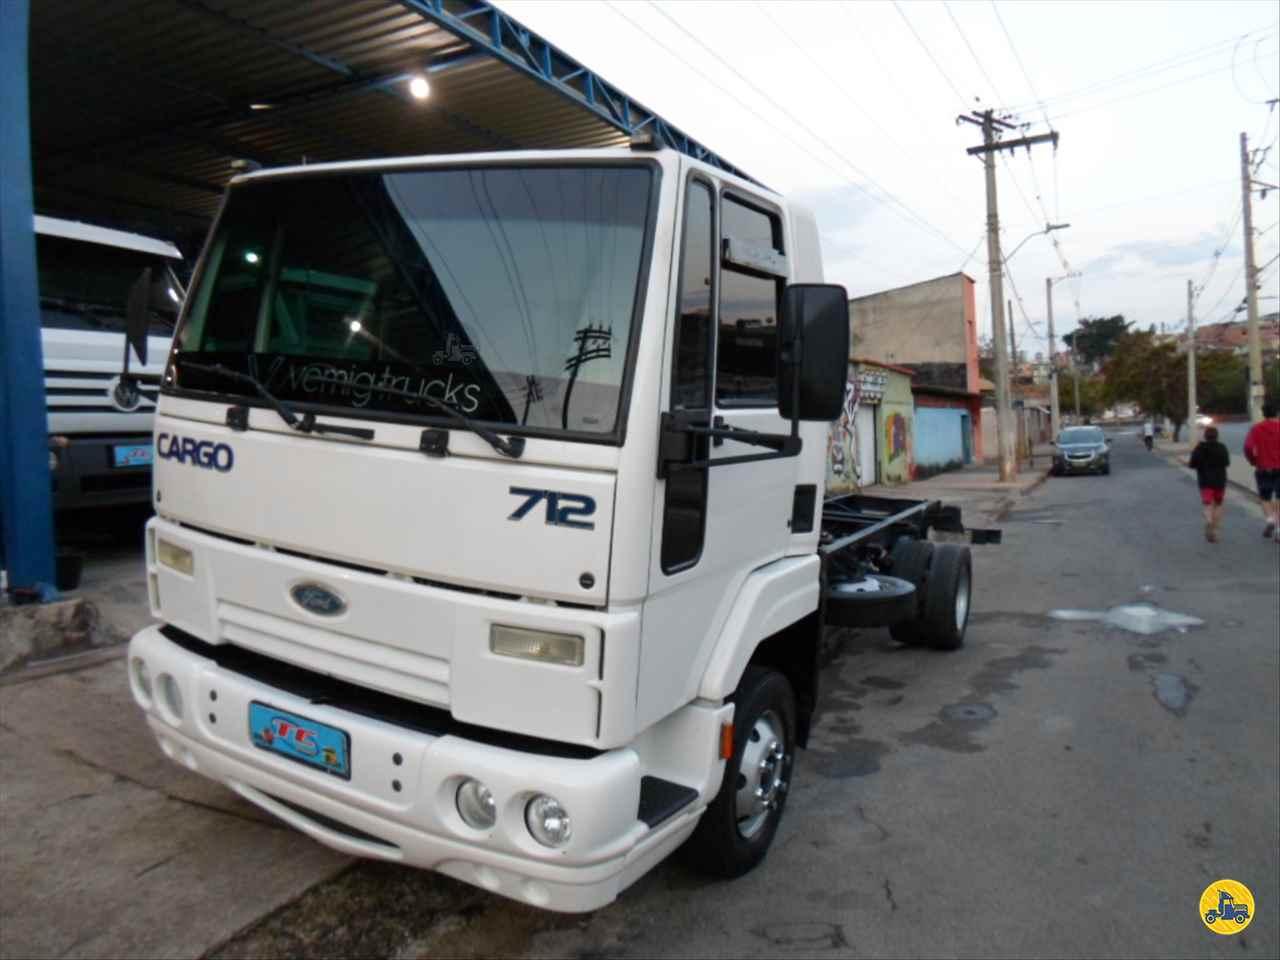 CAMINHAO FORD CARGO 712 Chassis Toco 4x4 TC Caminhões  BELO HORIZONTE MINAS GERAIS MG